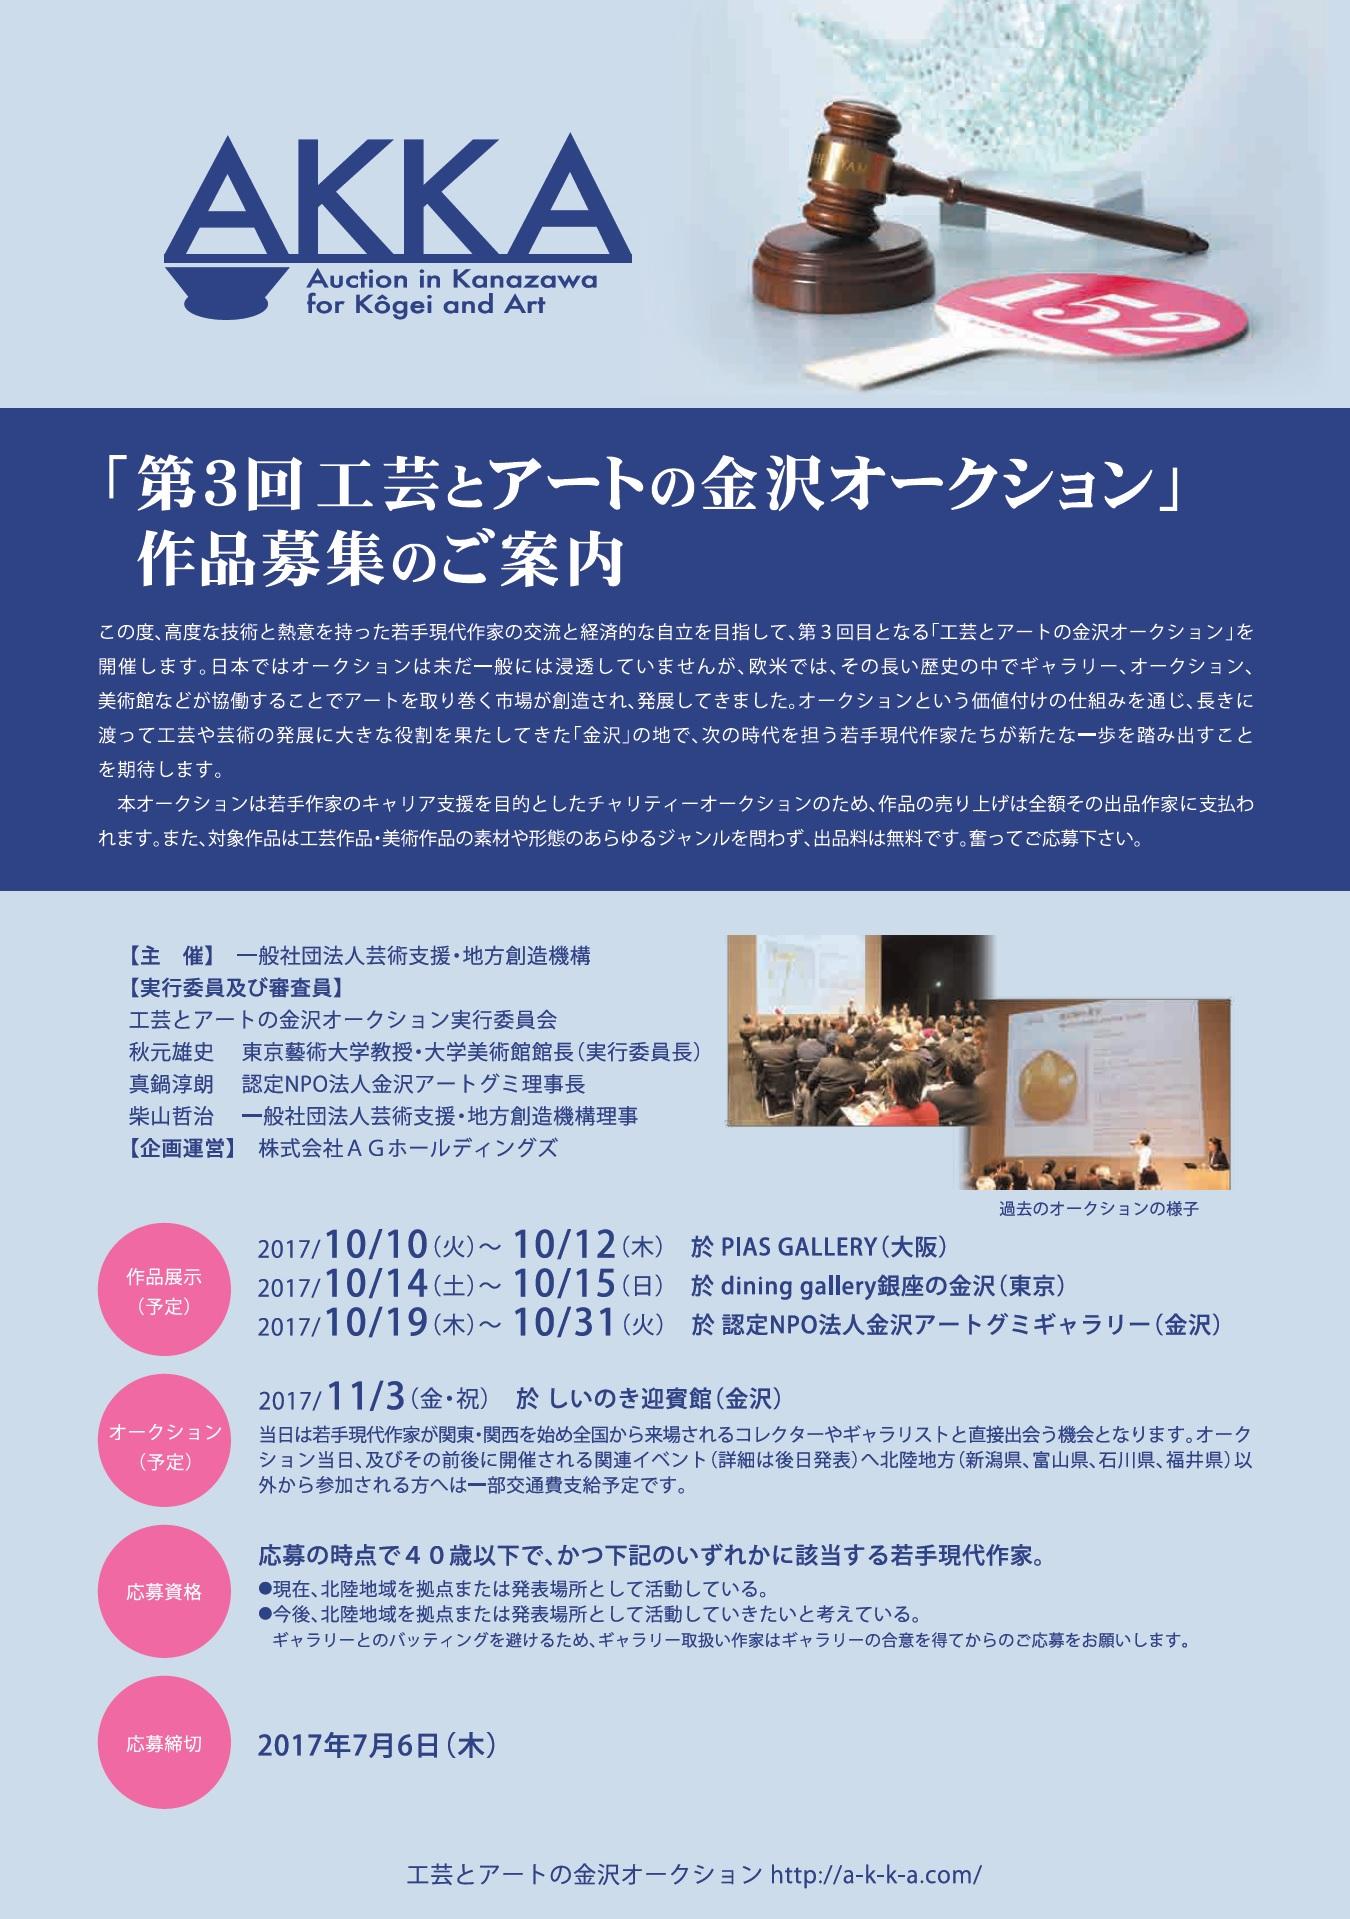 [募集終了]AKKA-第3回工芸とアートの金沢オークション出品作品募集中!